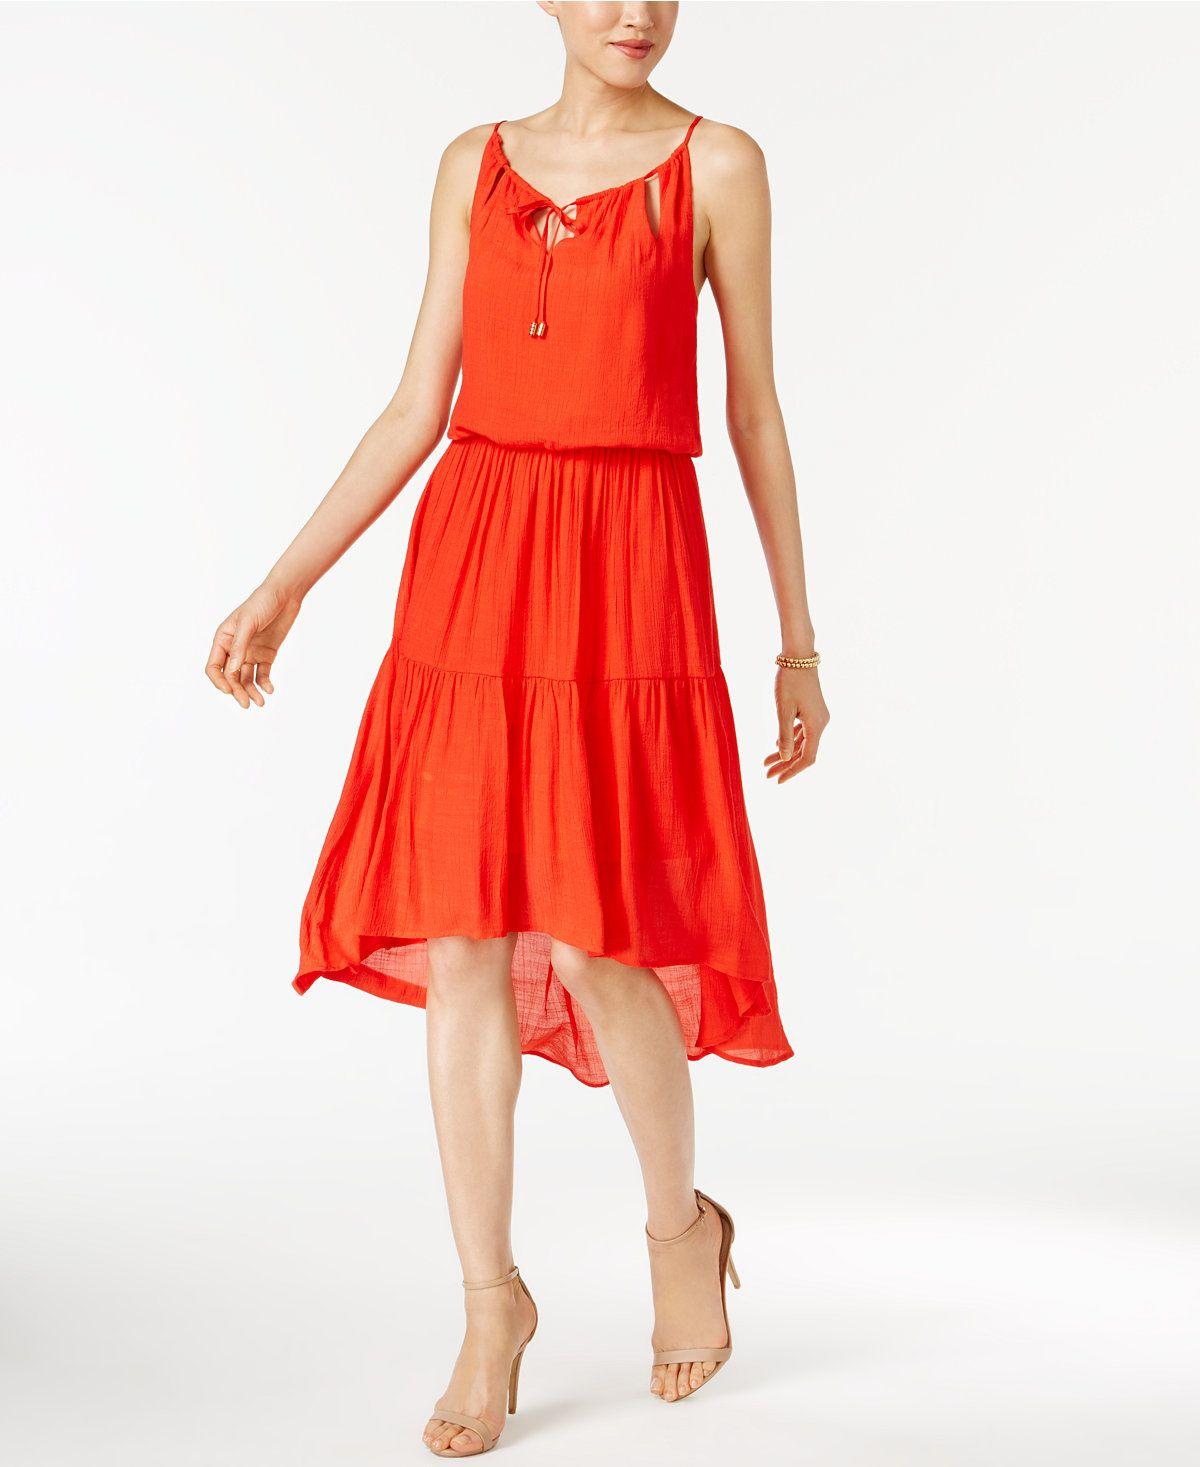 58de8fc1b71d0 sangria Blouson High-Low Dress - Tropical Dresses - SLP - Macy's ...